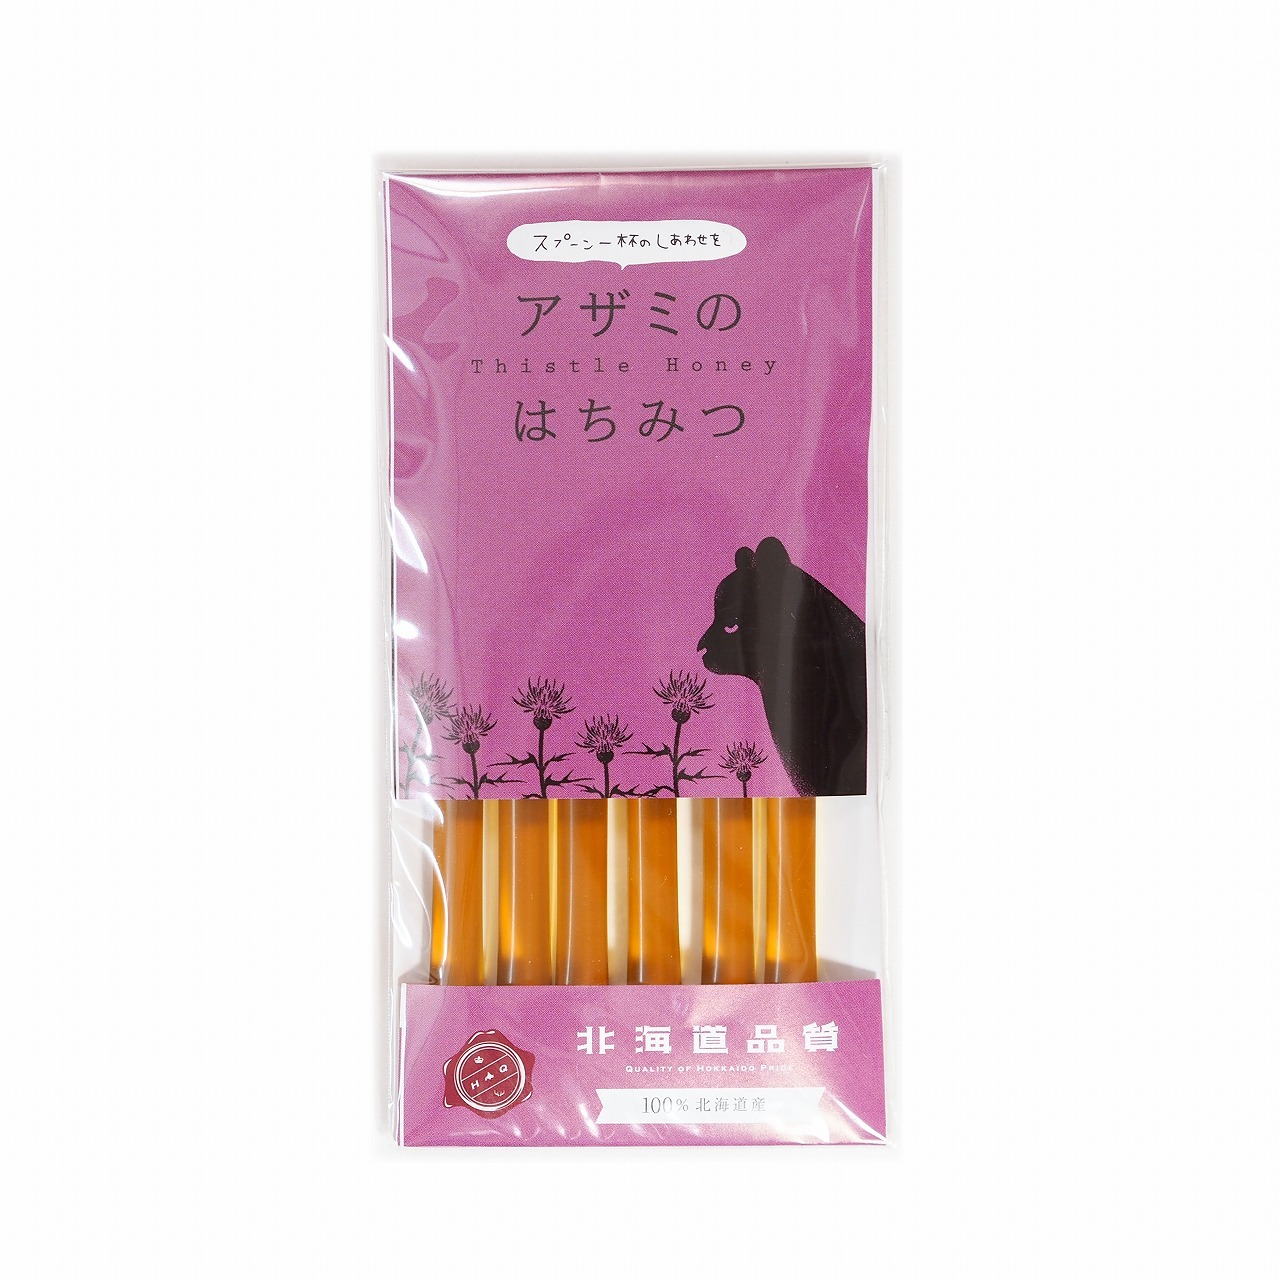 BEEDO スティック蜂蜜 2.5g×6本 アザミ